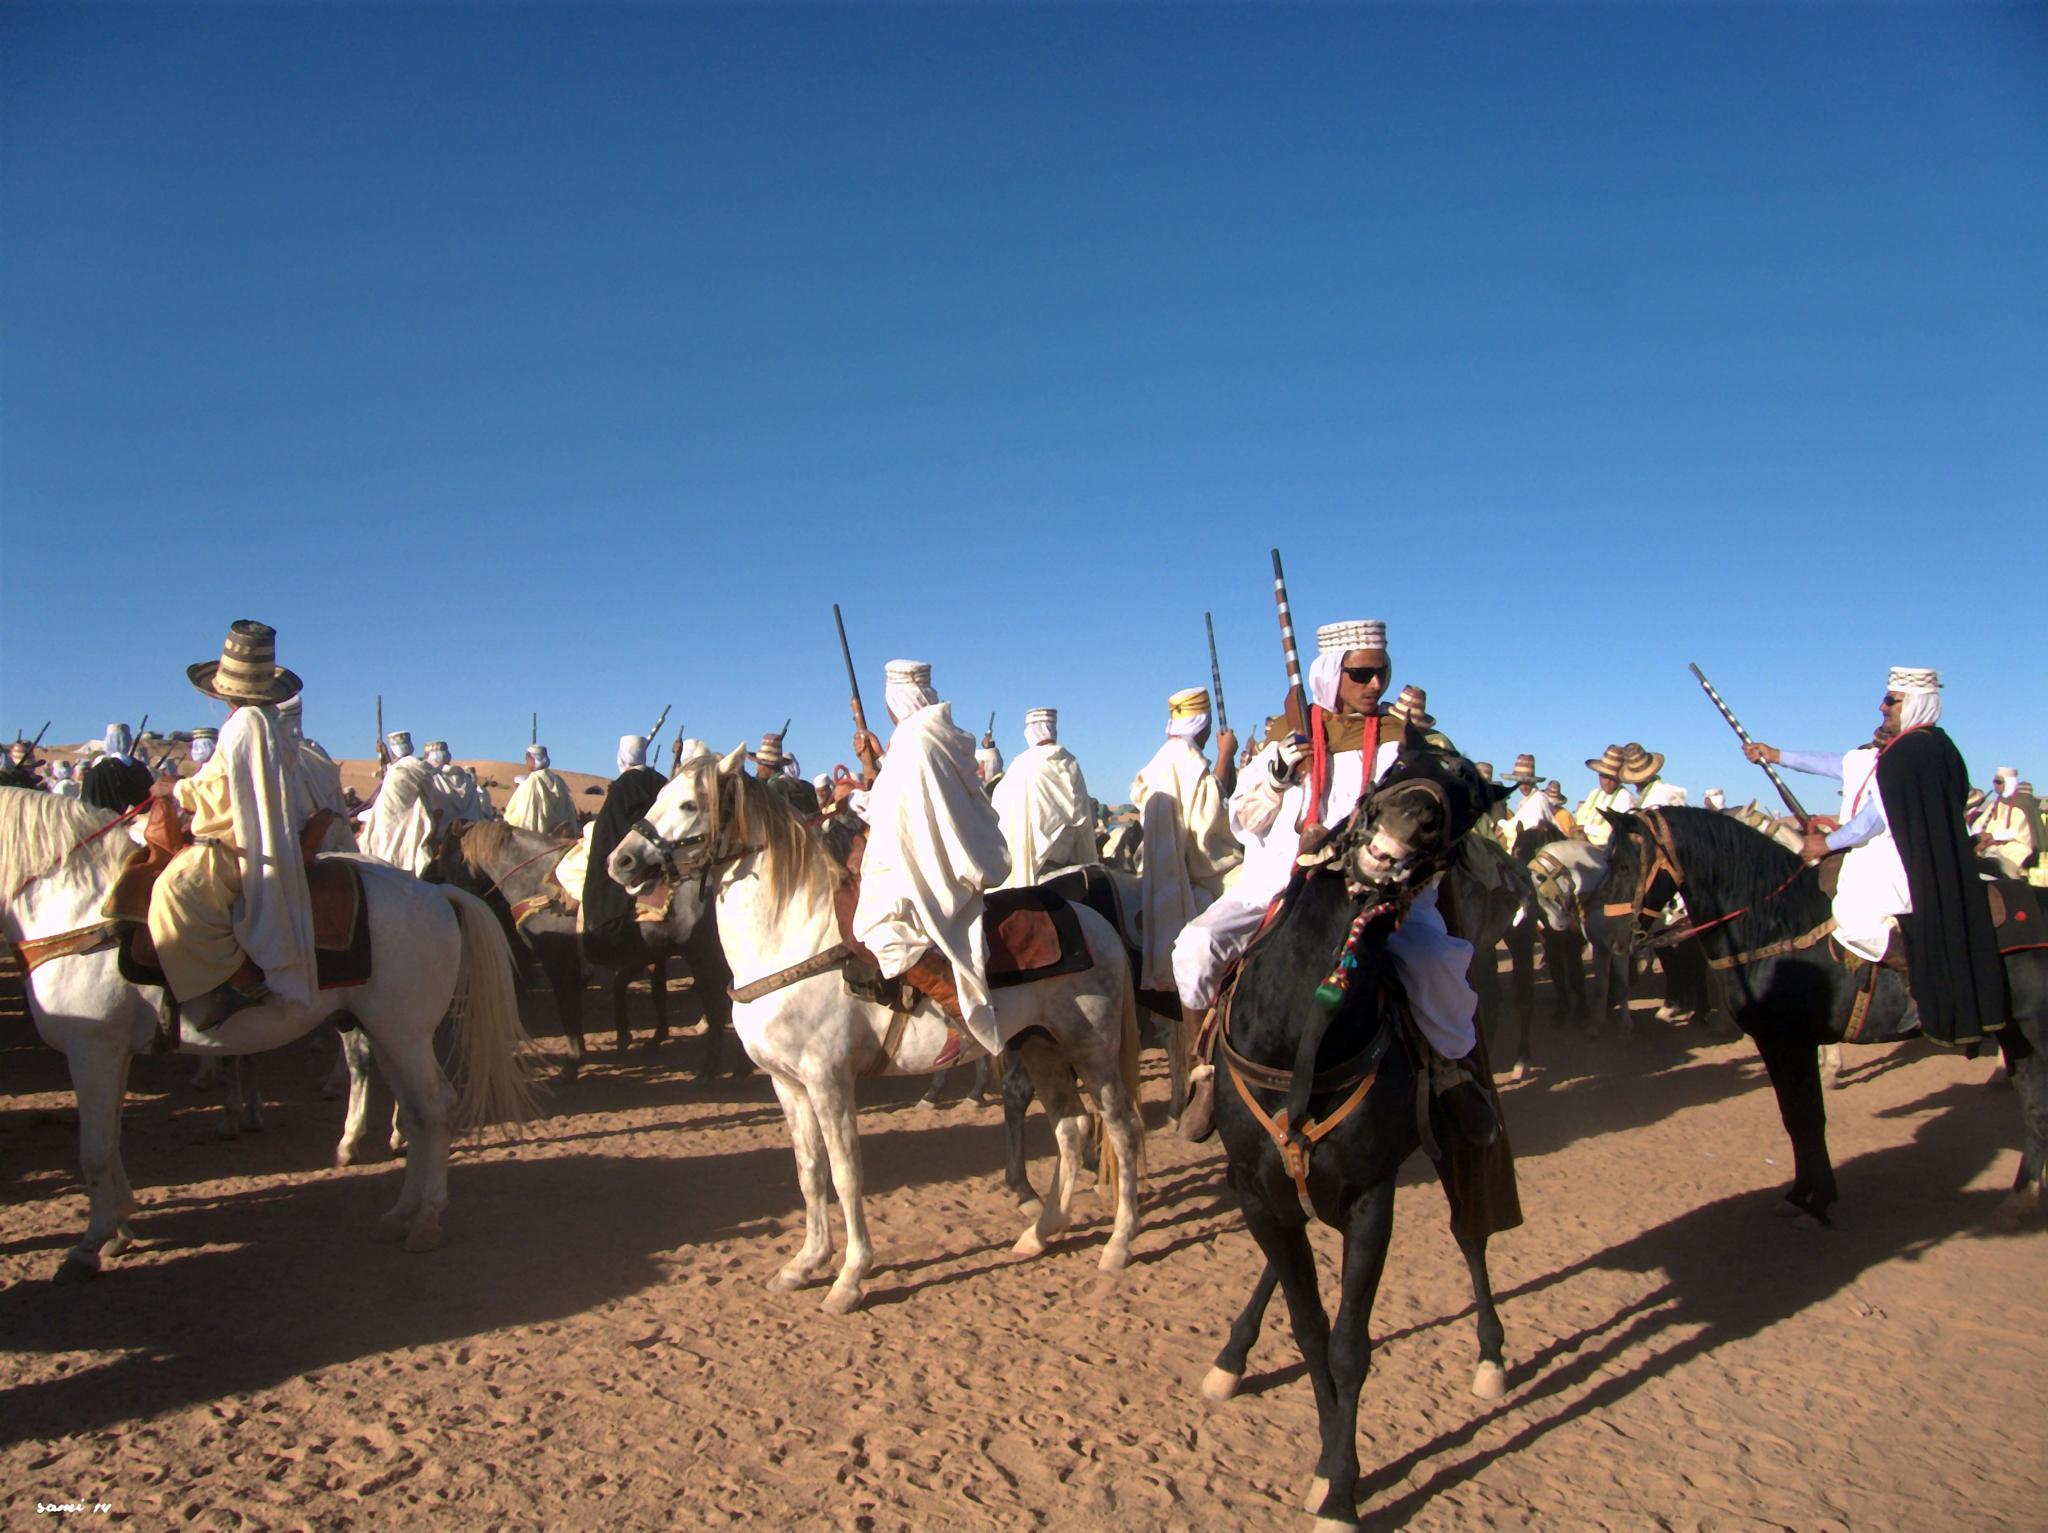 Riders in the fair. by Samir Sami